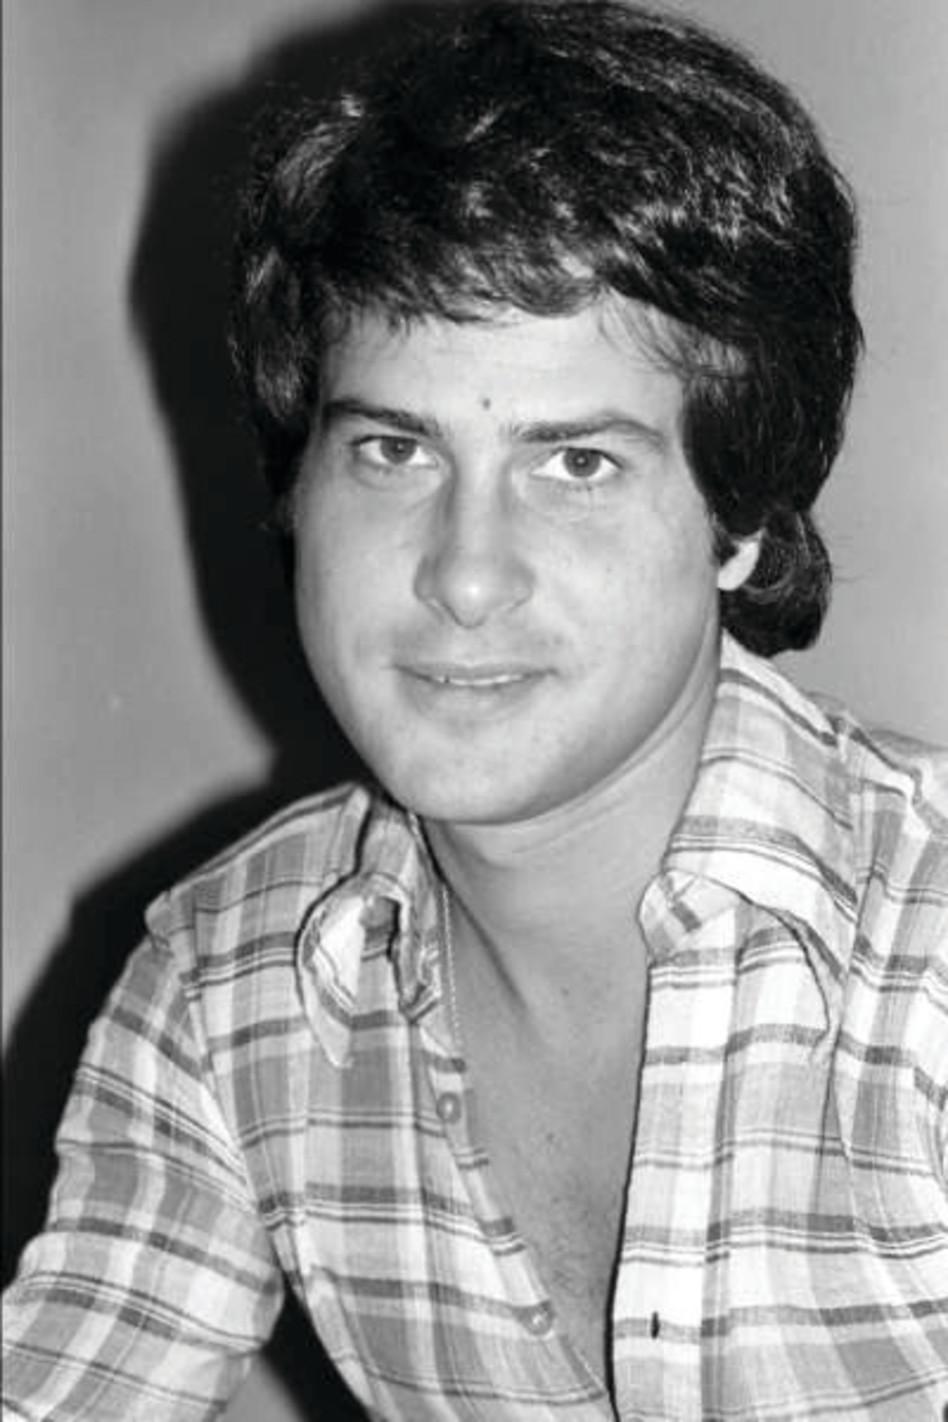 שנות השמונים היו מאד סוערות בחייו של דודו טופז (צילום: שמואל רחמני)